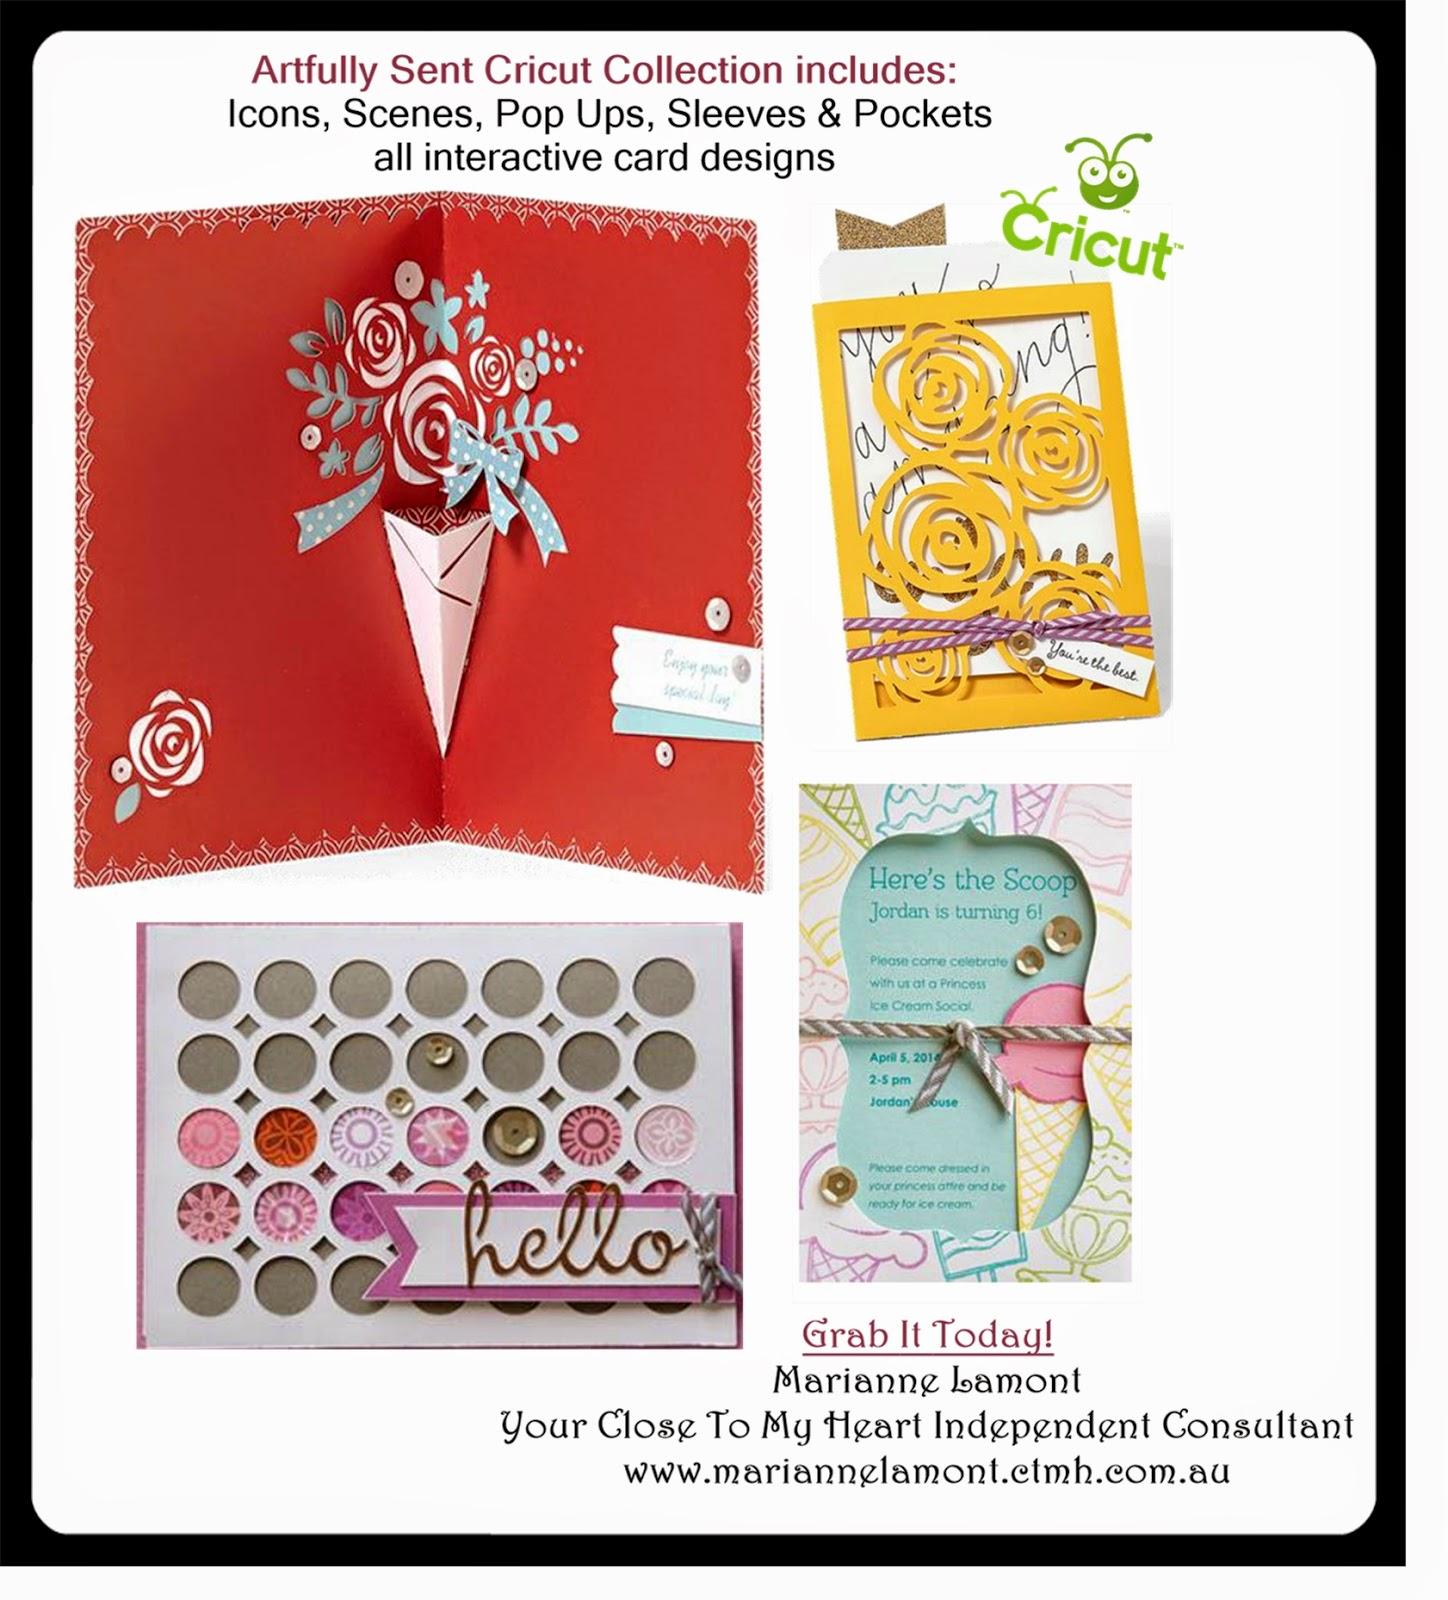 http://mariannelamont.ctmh.com.au/Retail/Product.aspx?ItemID=7949&ci=1367